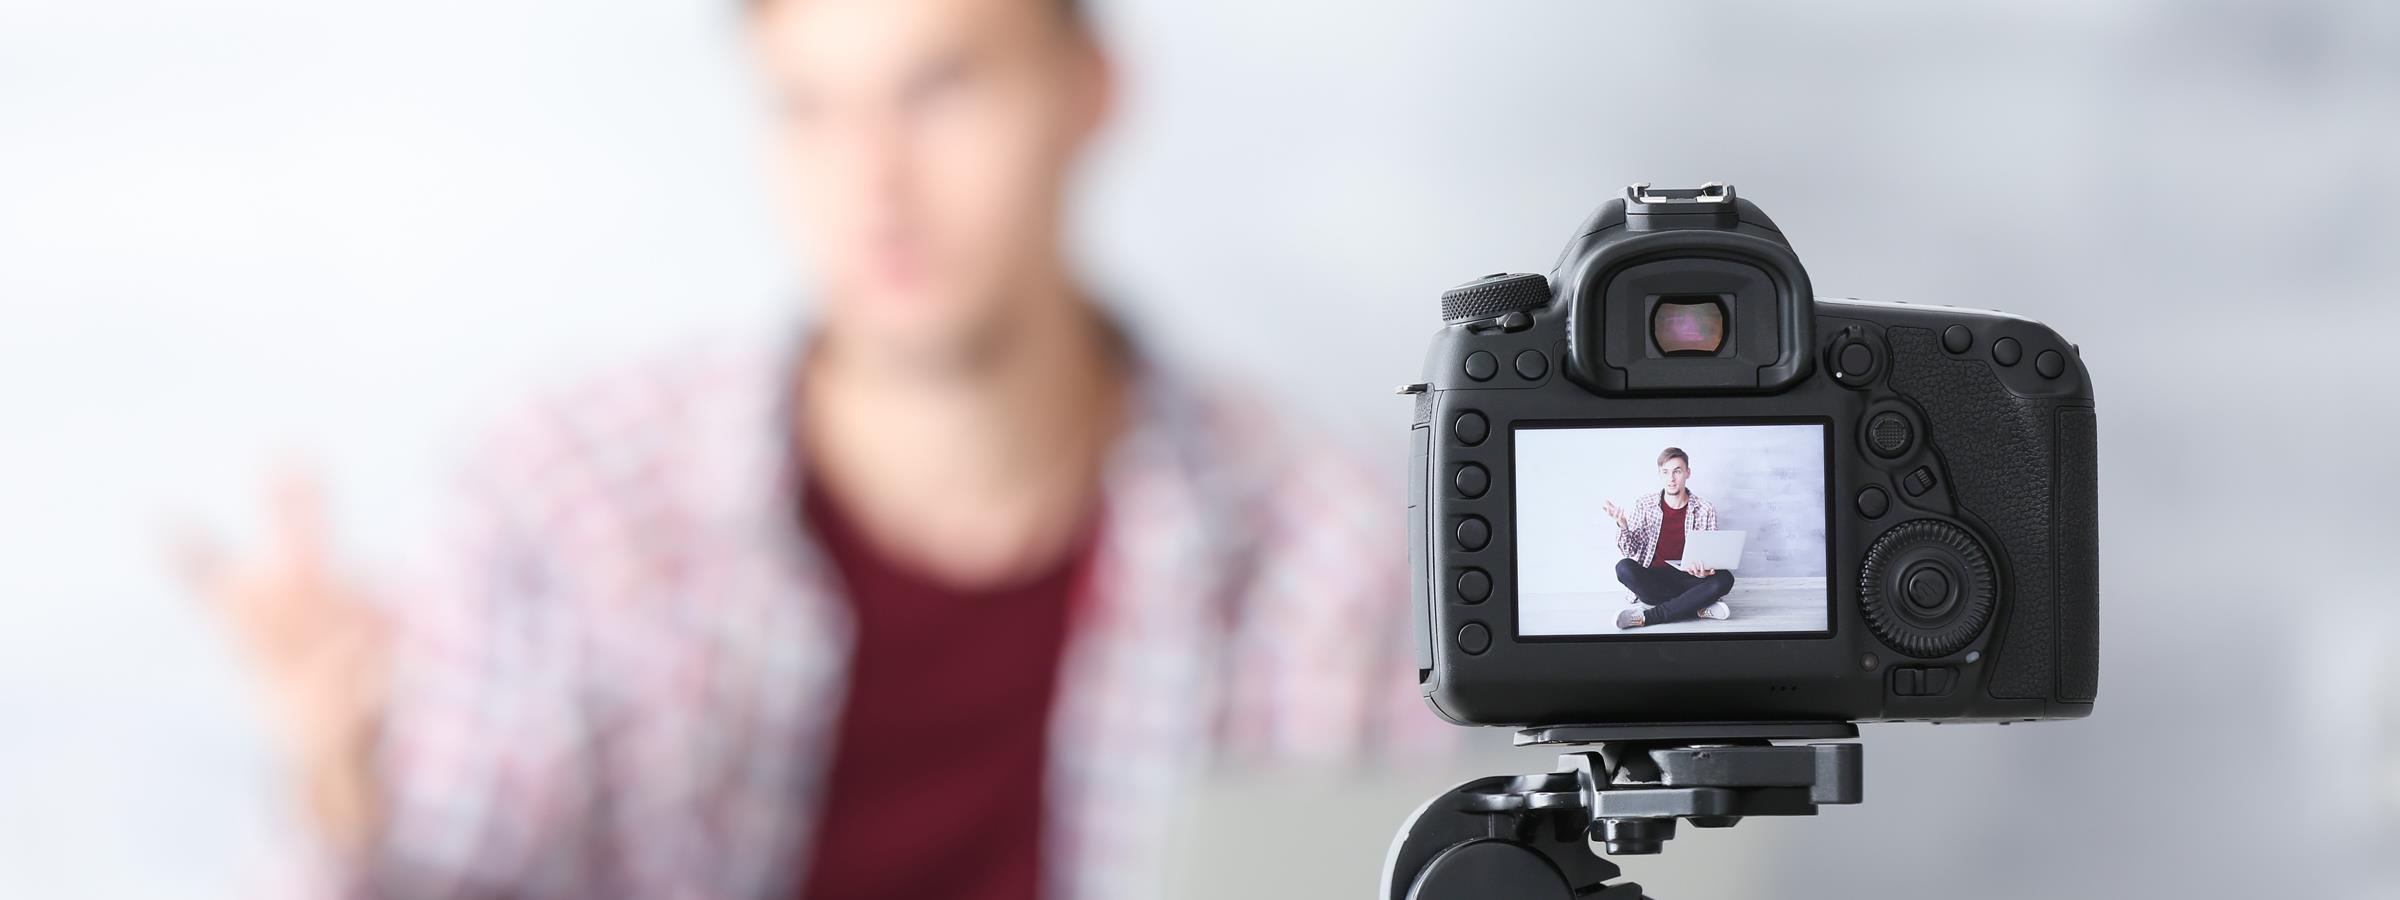 fiú első erekciós videója a férfinak merevedési problémái vannak, mit tegyen